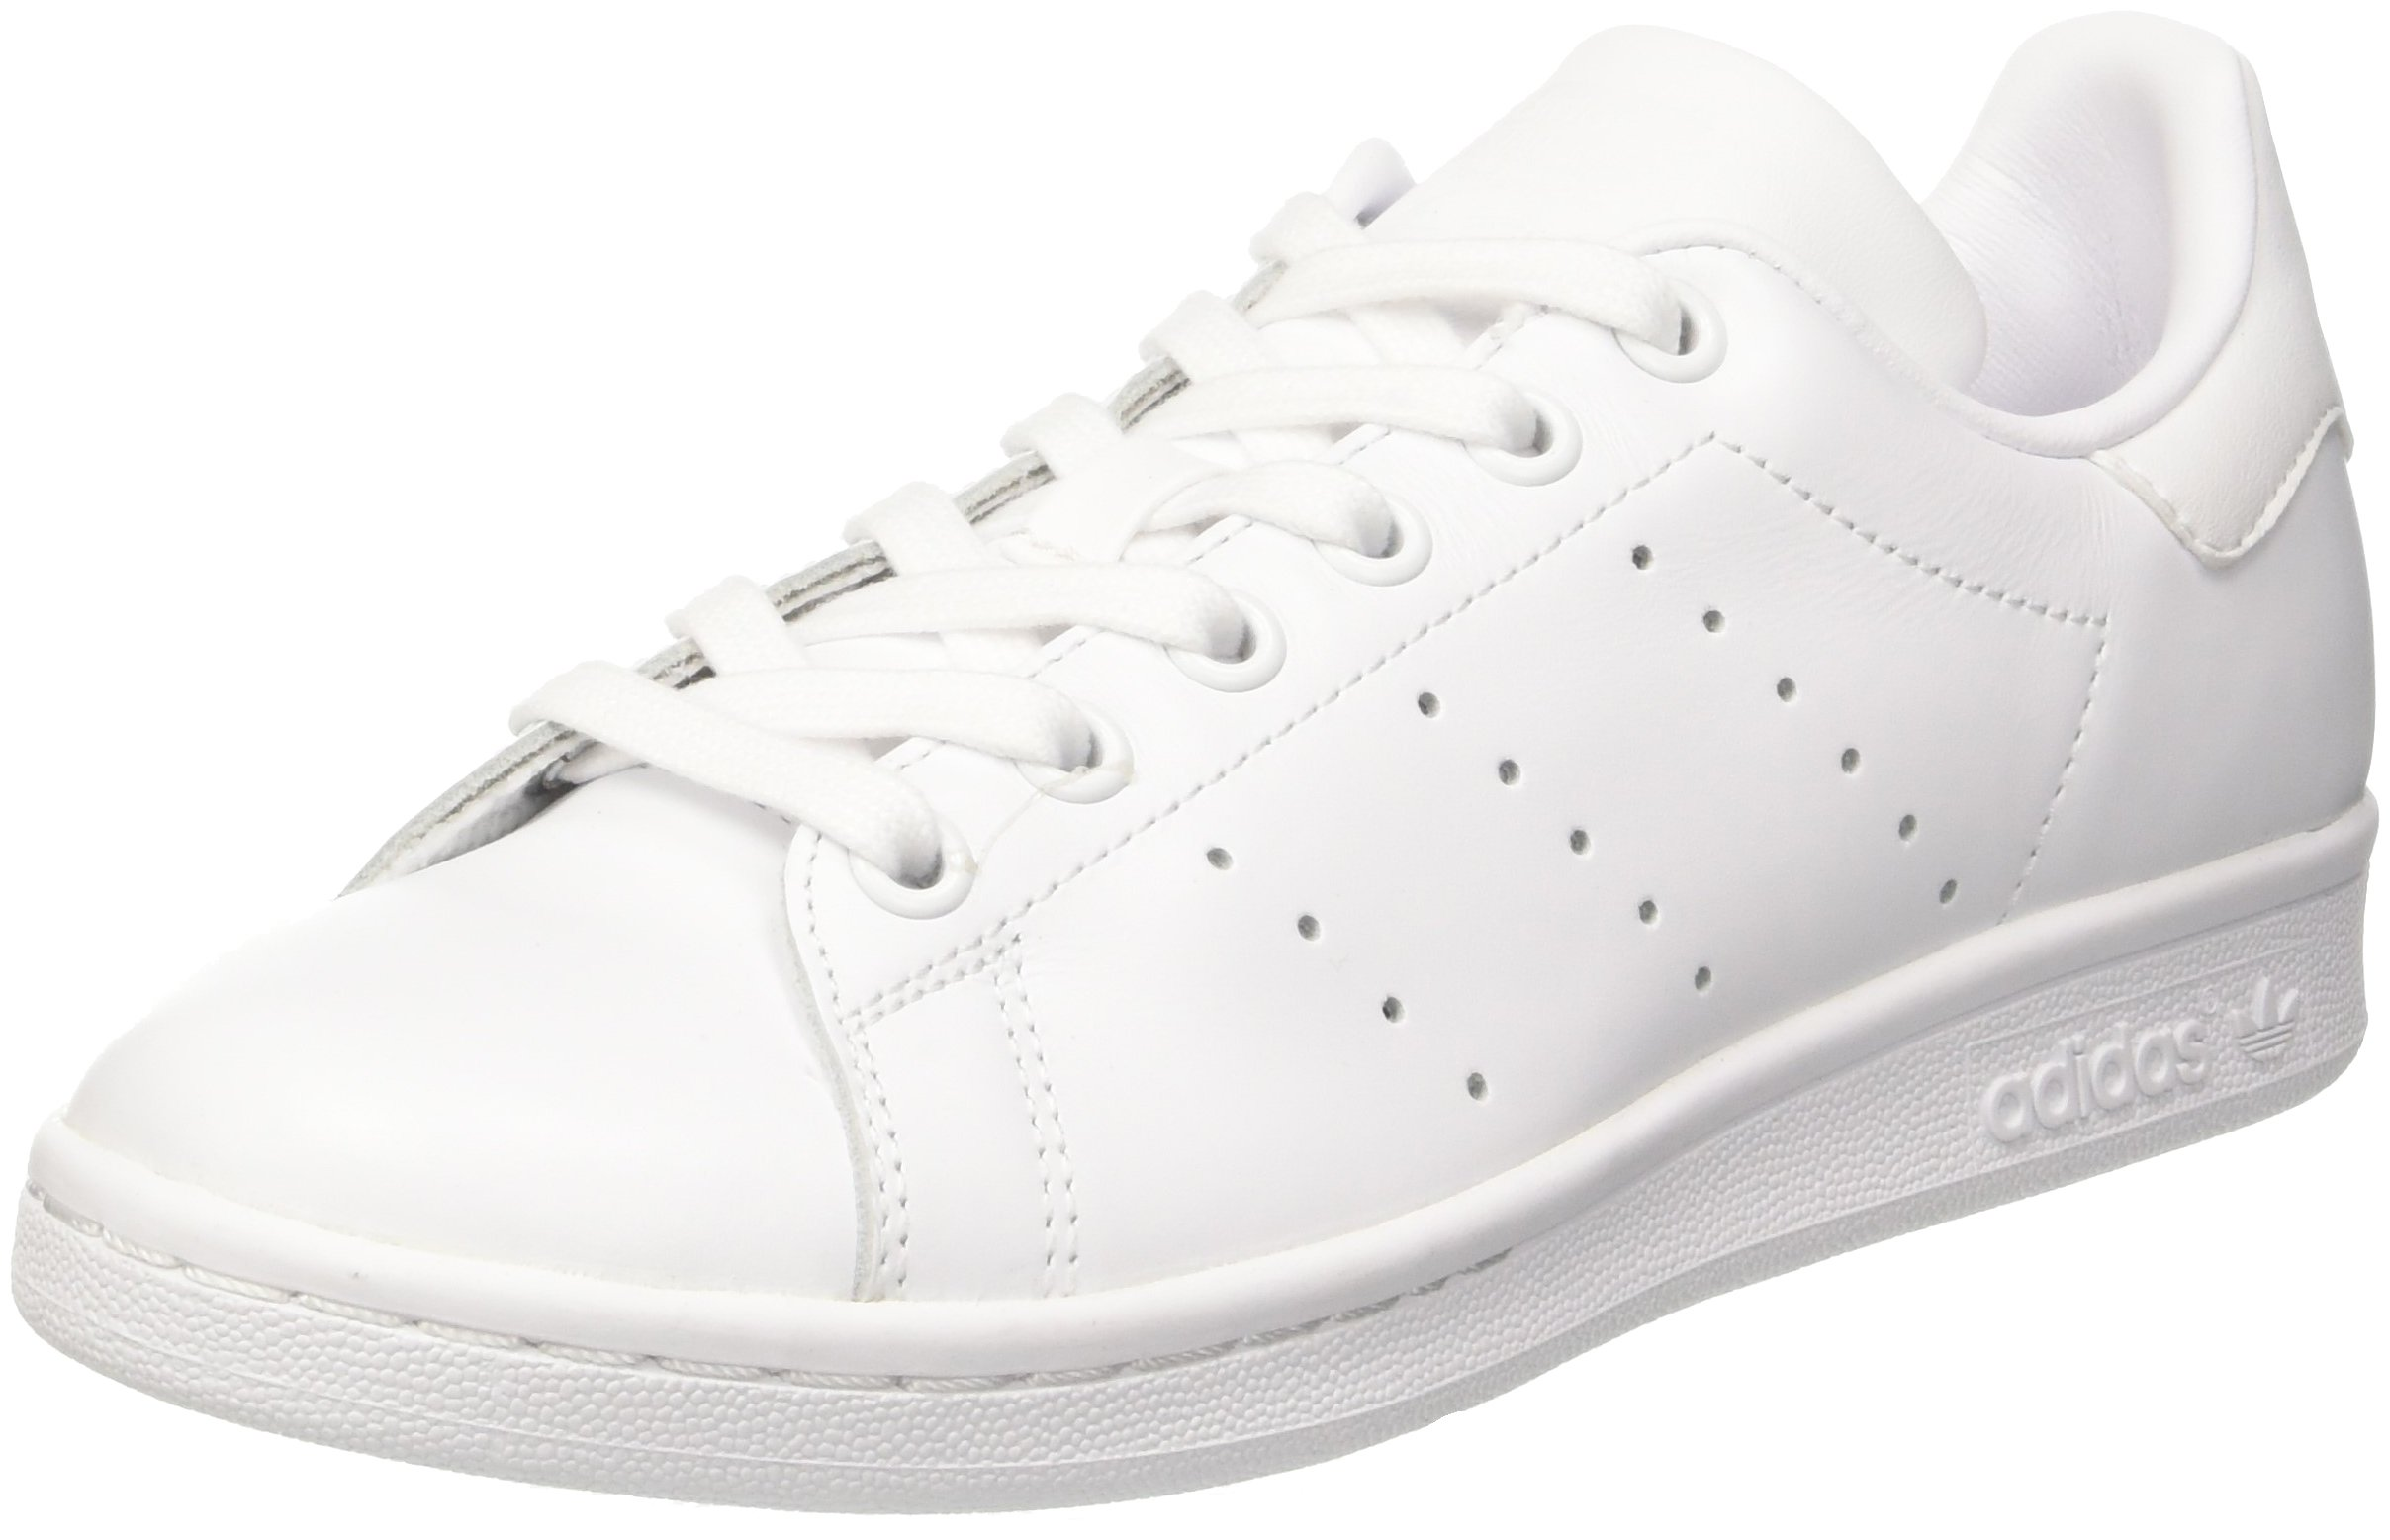 Adidas Stan Smith Scarpe Low-Top, Uomo 1 spesavip